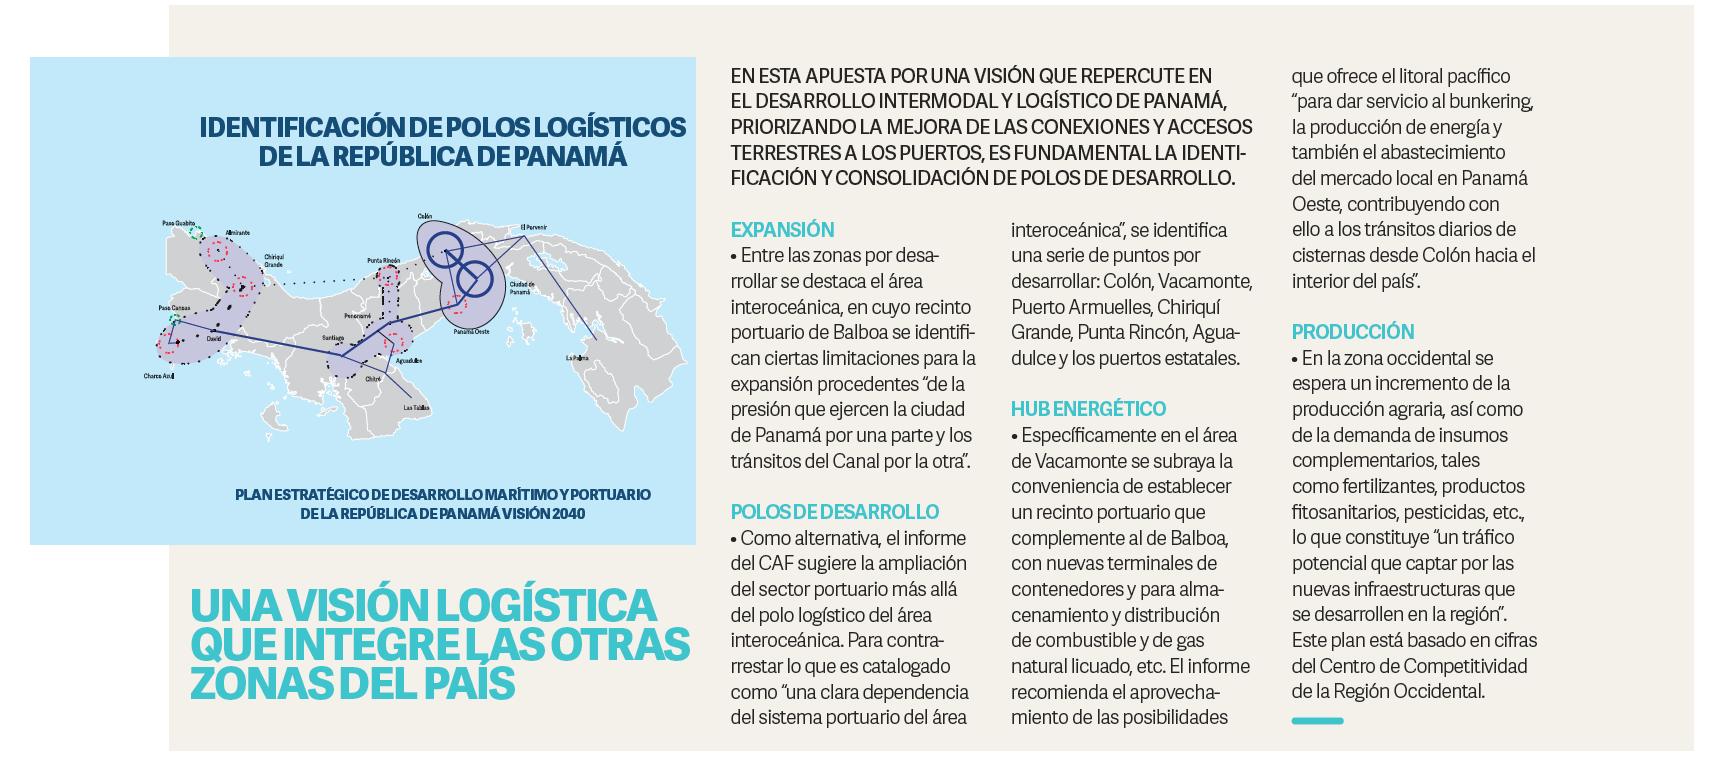 ESPECIALES  | INVERSIÓN EN SISTEMA PORTUARIO